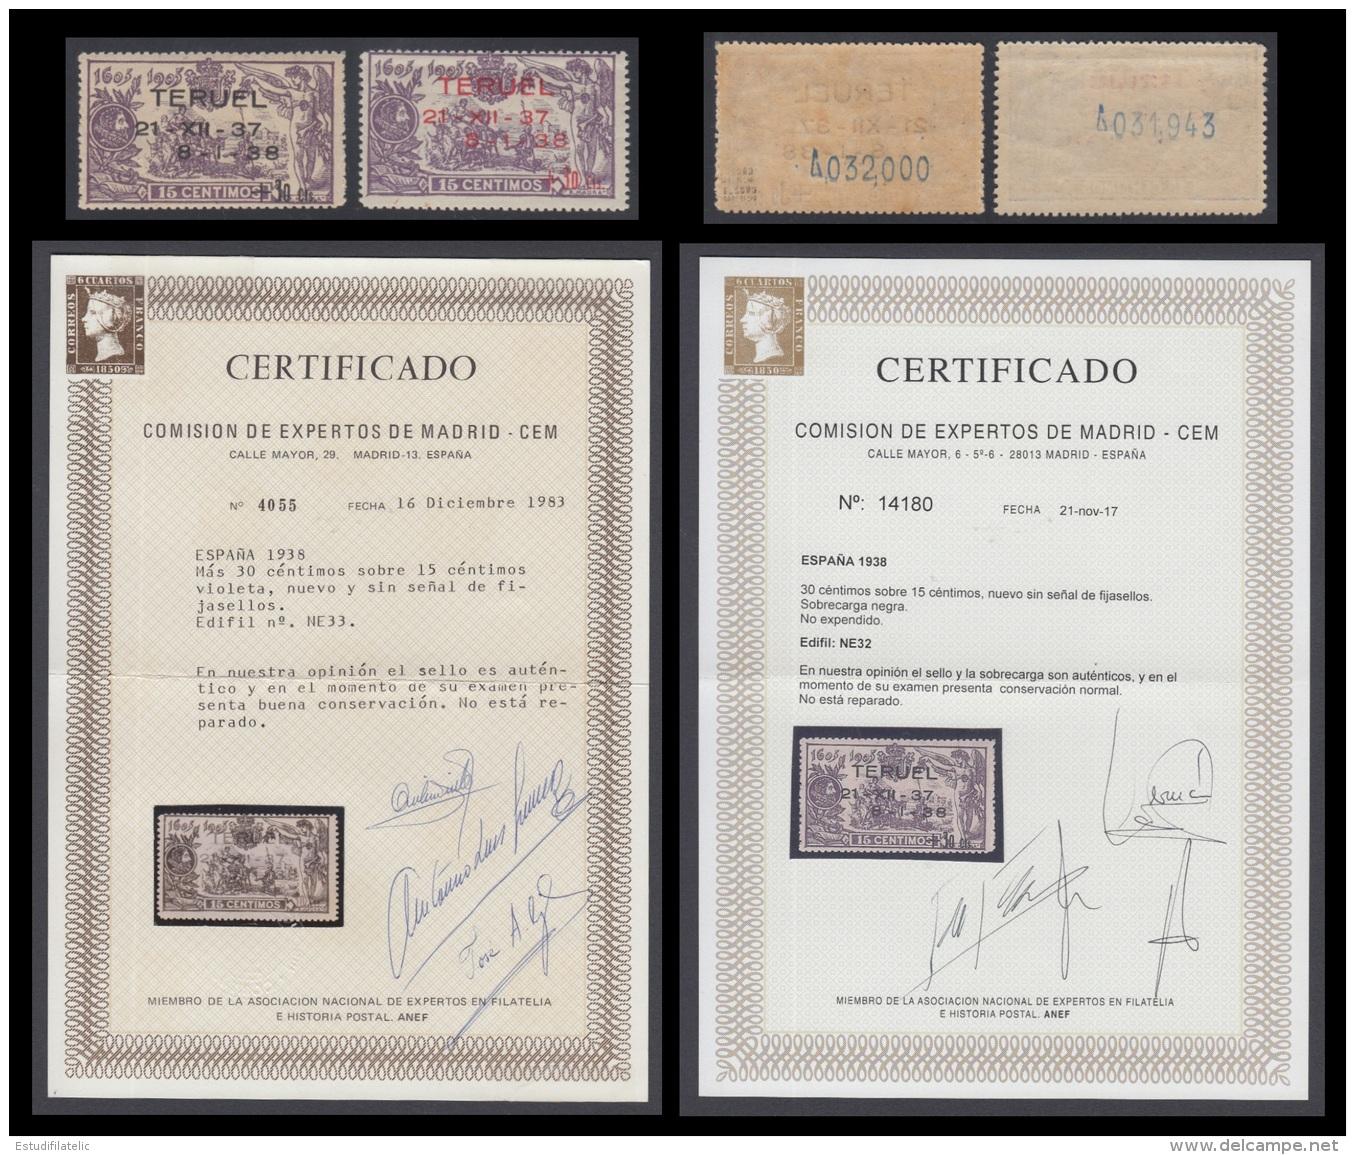 España Spain NE 32/33 1938 No Emitido Toma De Teruel Cert CEM 50 Series Emitidas - España